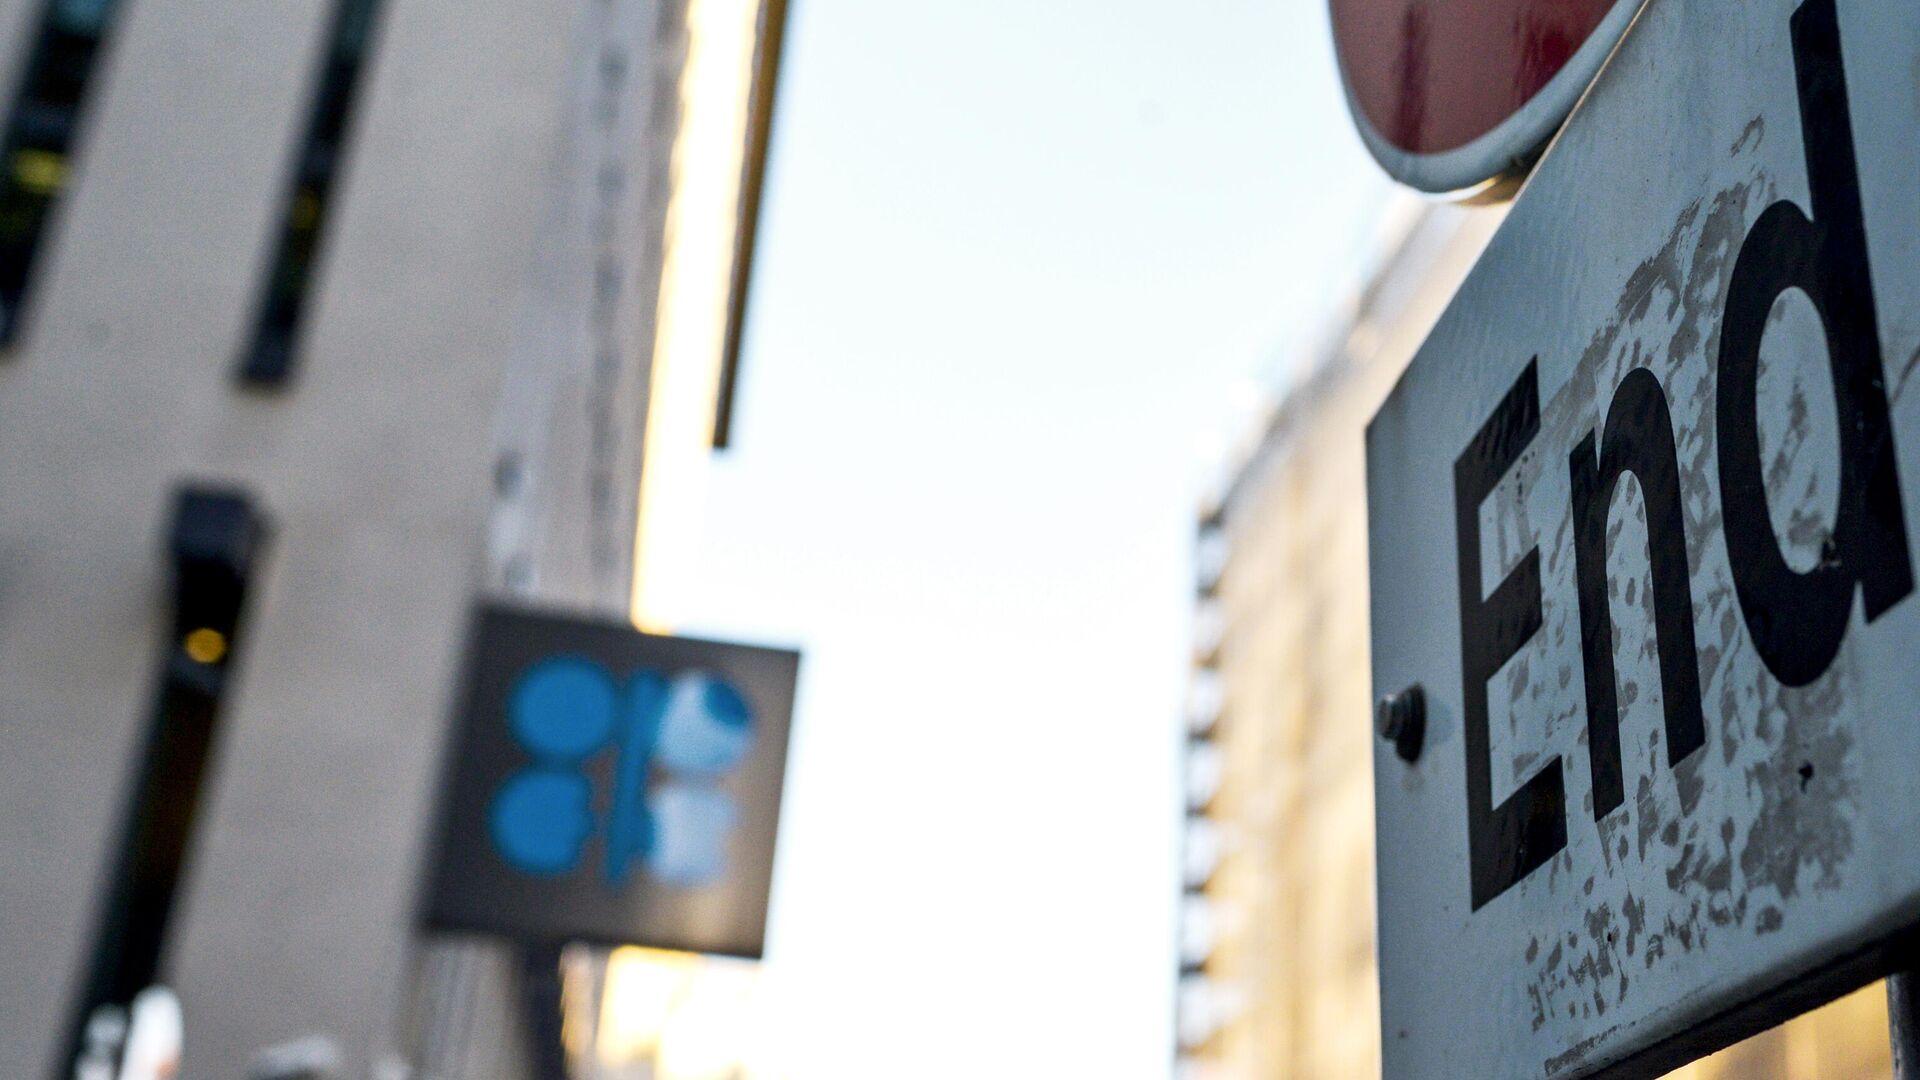 Дорожный знак у здания штаб-квартиры ОПЕК в Вене - РИА Новости, 1920, 25.11.2020